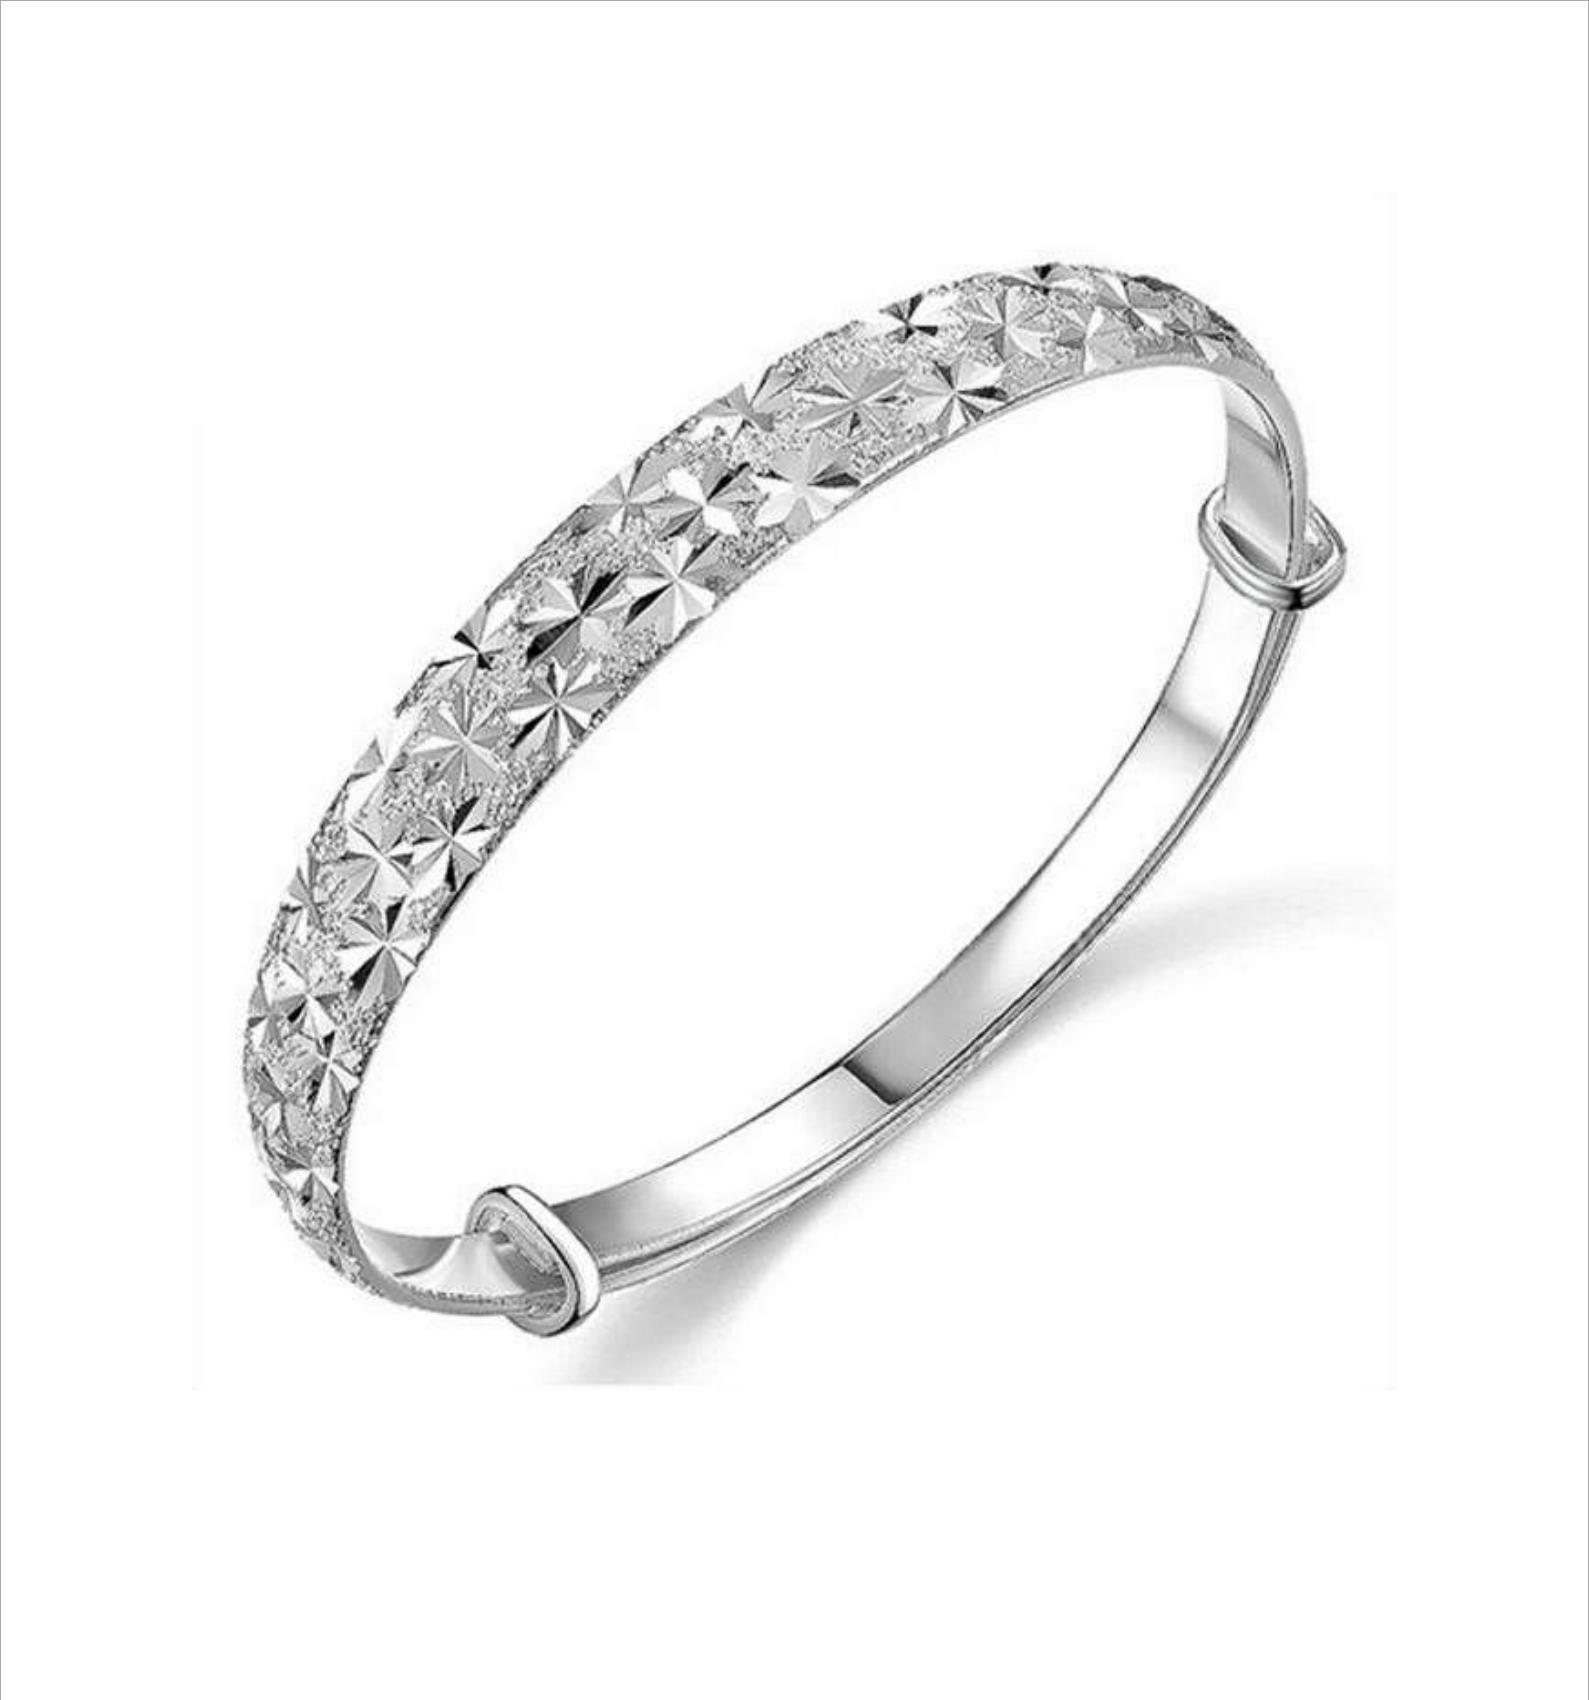 Buy Sterling Silver Star Design Bracelet Kada For Women Girls 55mm ...